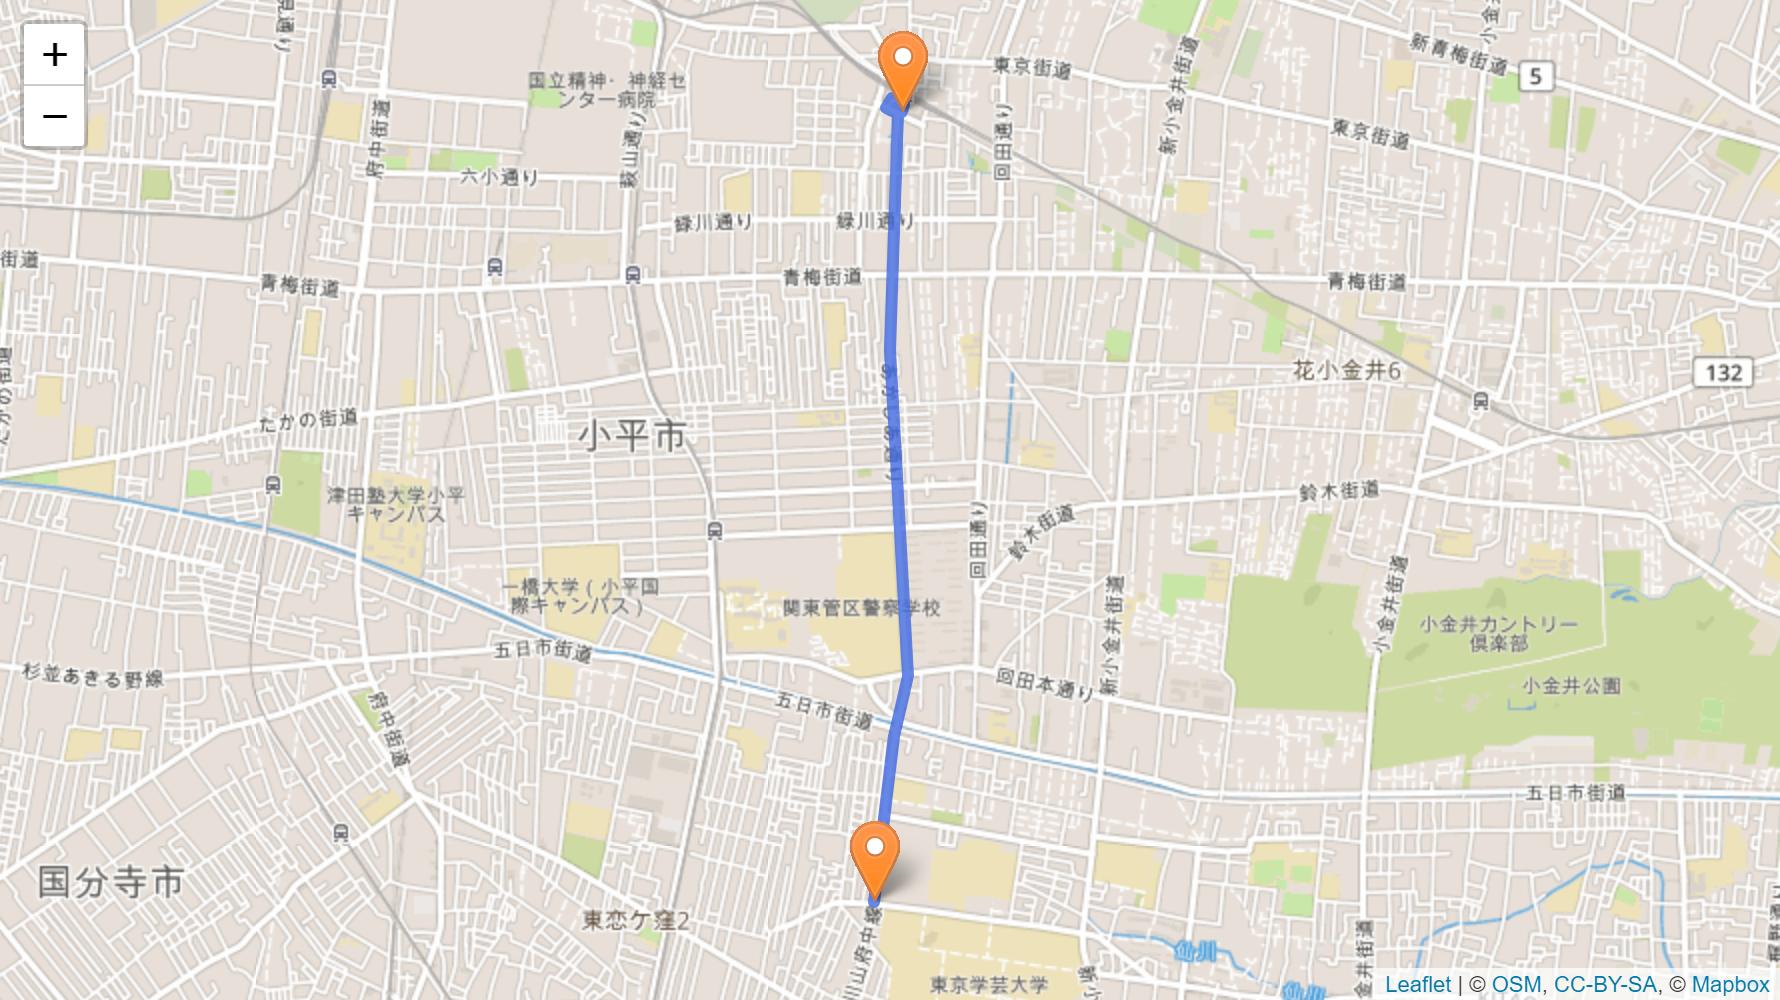 小平市 聖火リレーの詳細